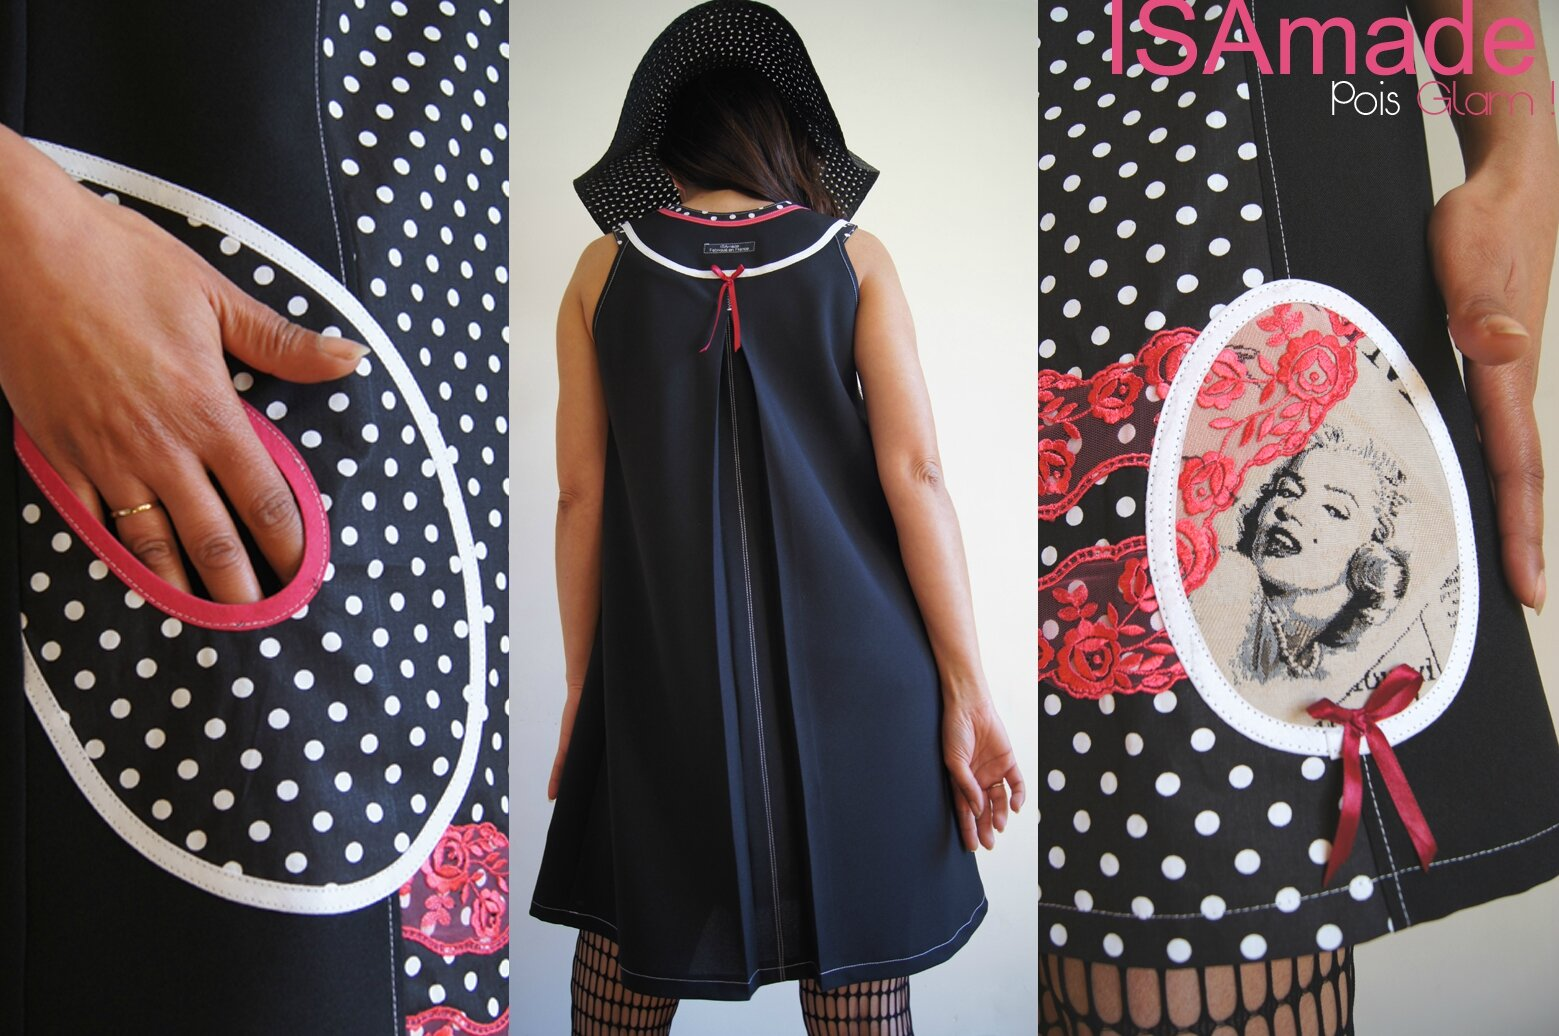 c05e0ff8599e2 Un Style Chic Fantaisie et élégant , pour cette robe à pois trapèze à jeux  de patch d imprimés et dentelle ! Une Esprit Mode Créateur tout en finesse  jouant ...